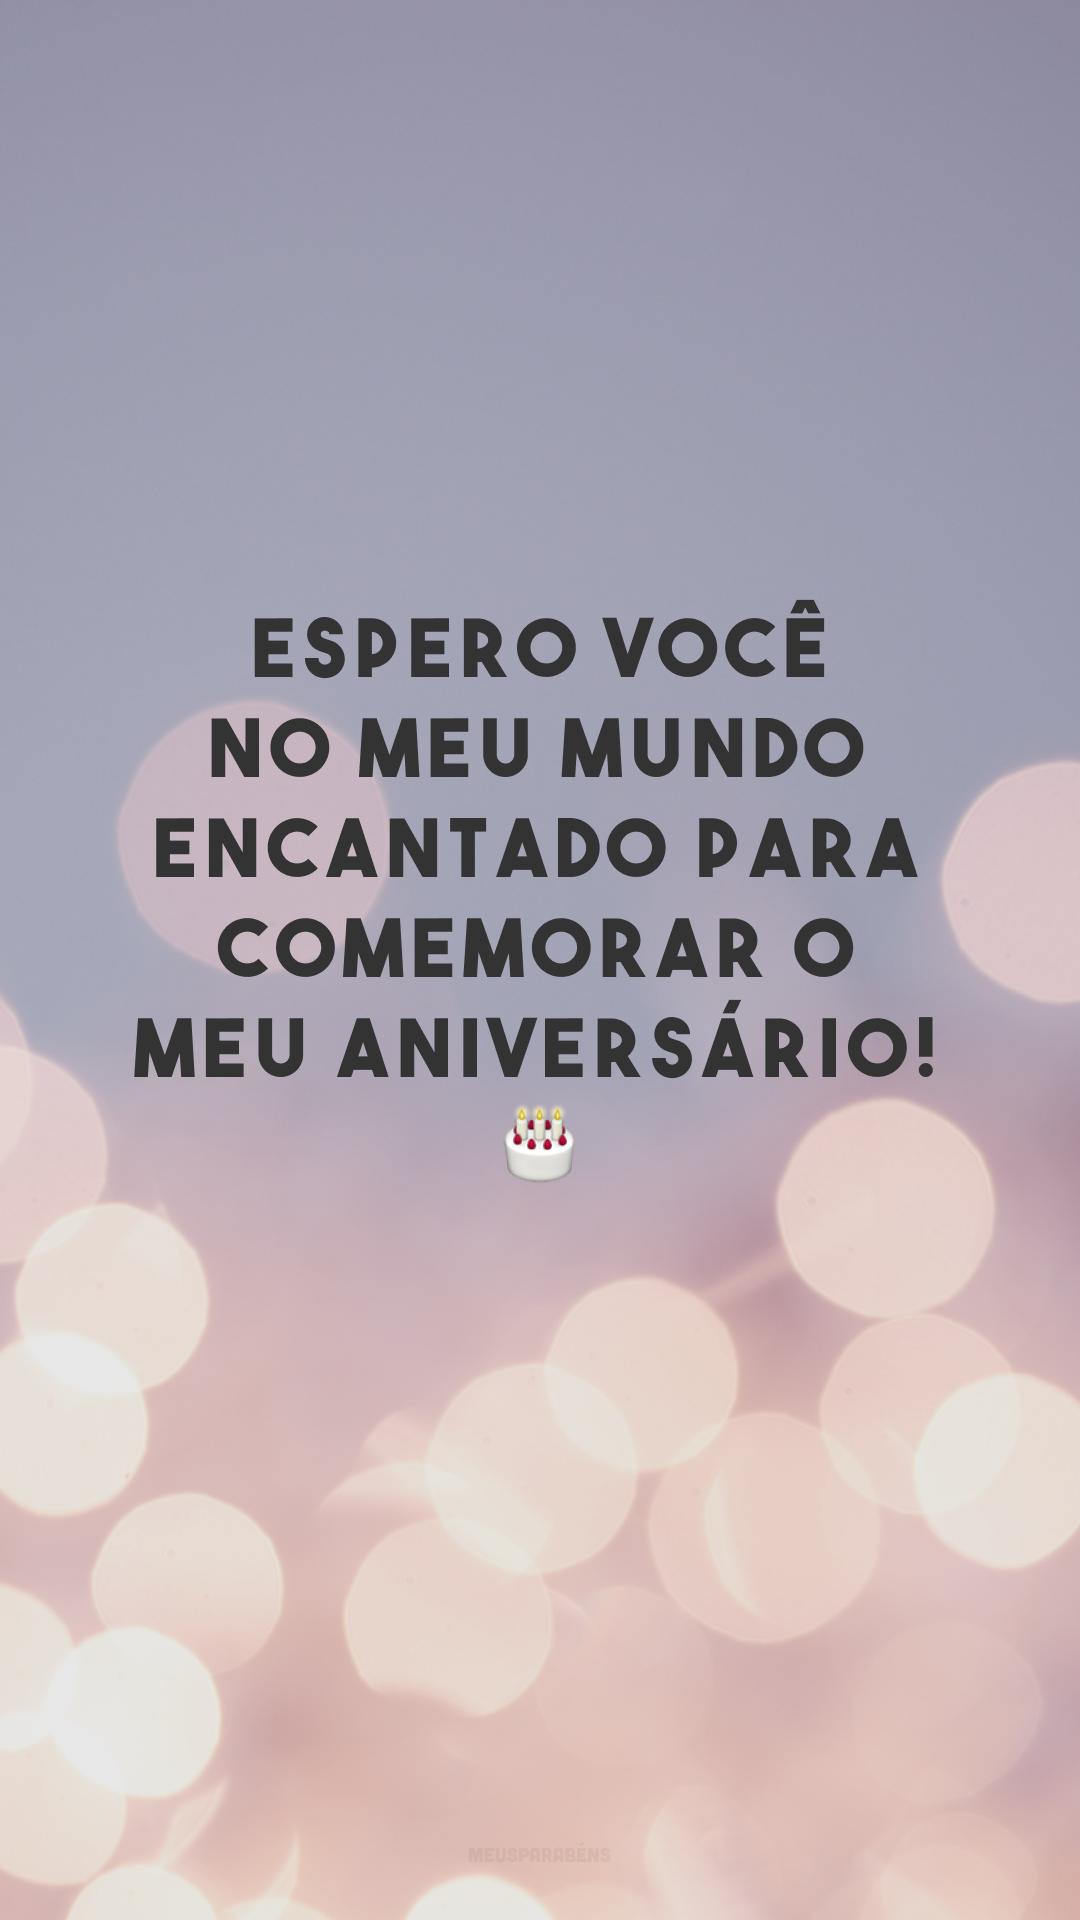 Espero você no meu mundo encantado para comemorar o meu aniversário! 🎂